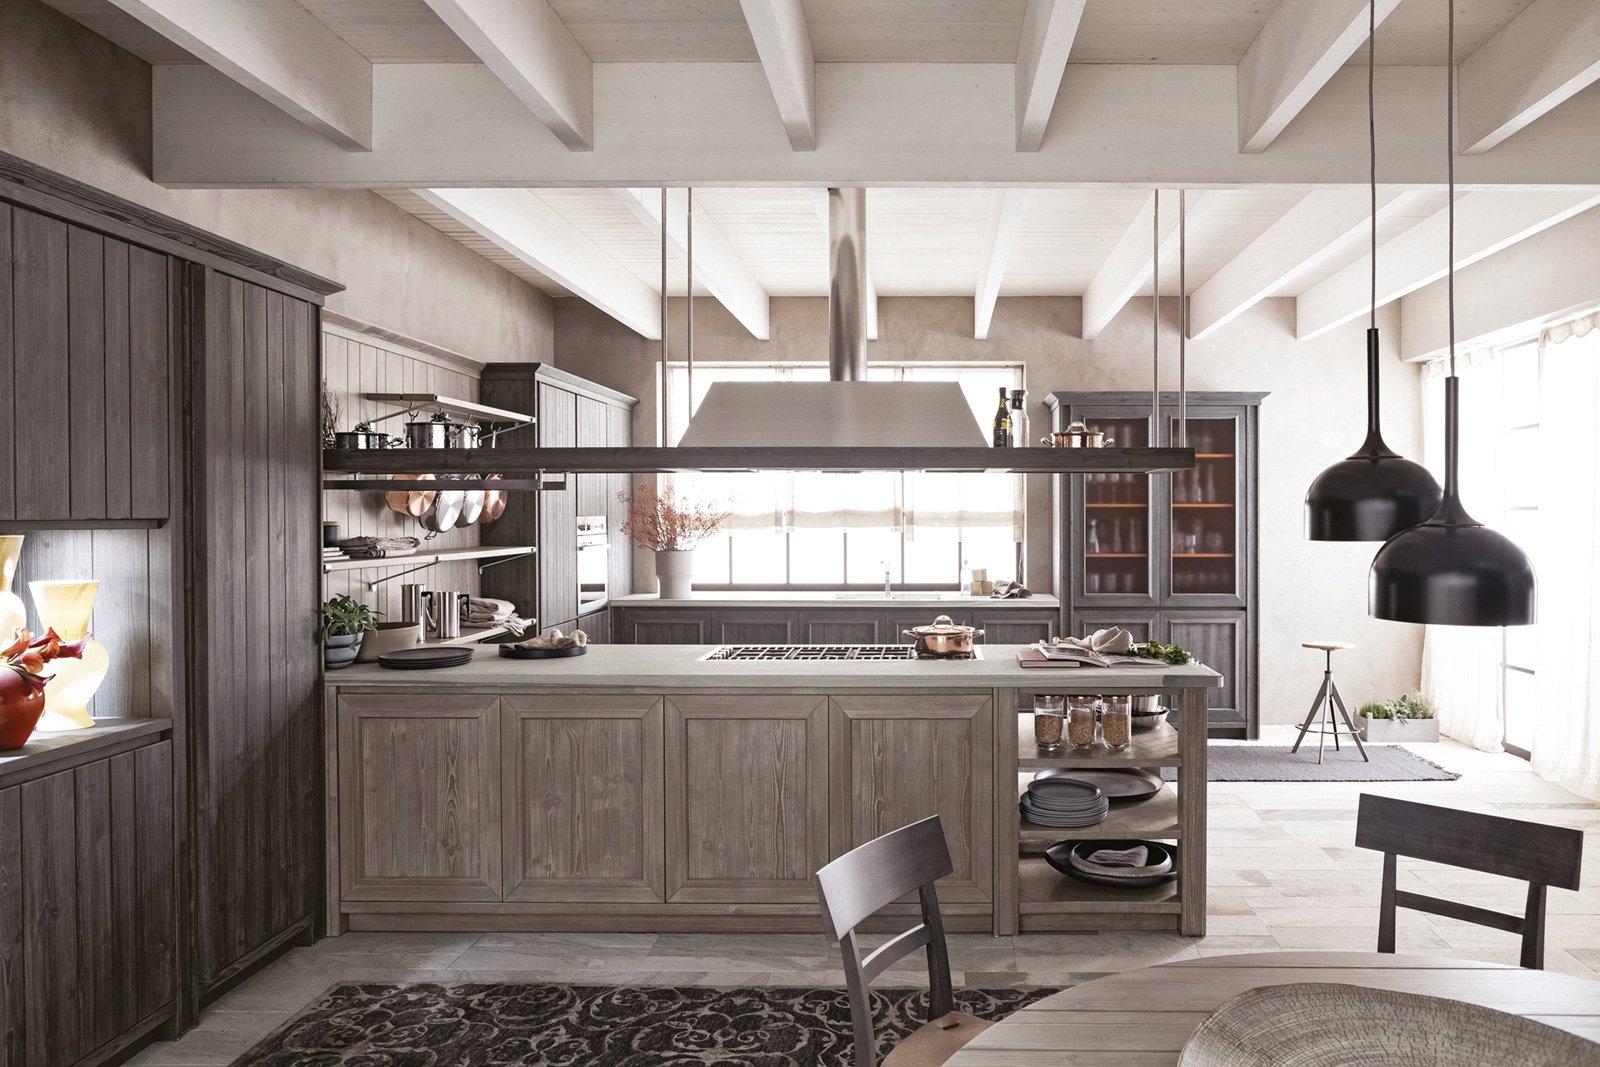 Cucine Con Penisola Grande Per Separare Contenere Pranzare Cose Di Casa